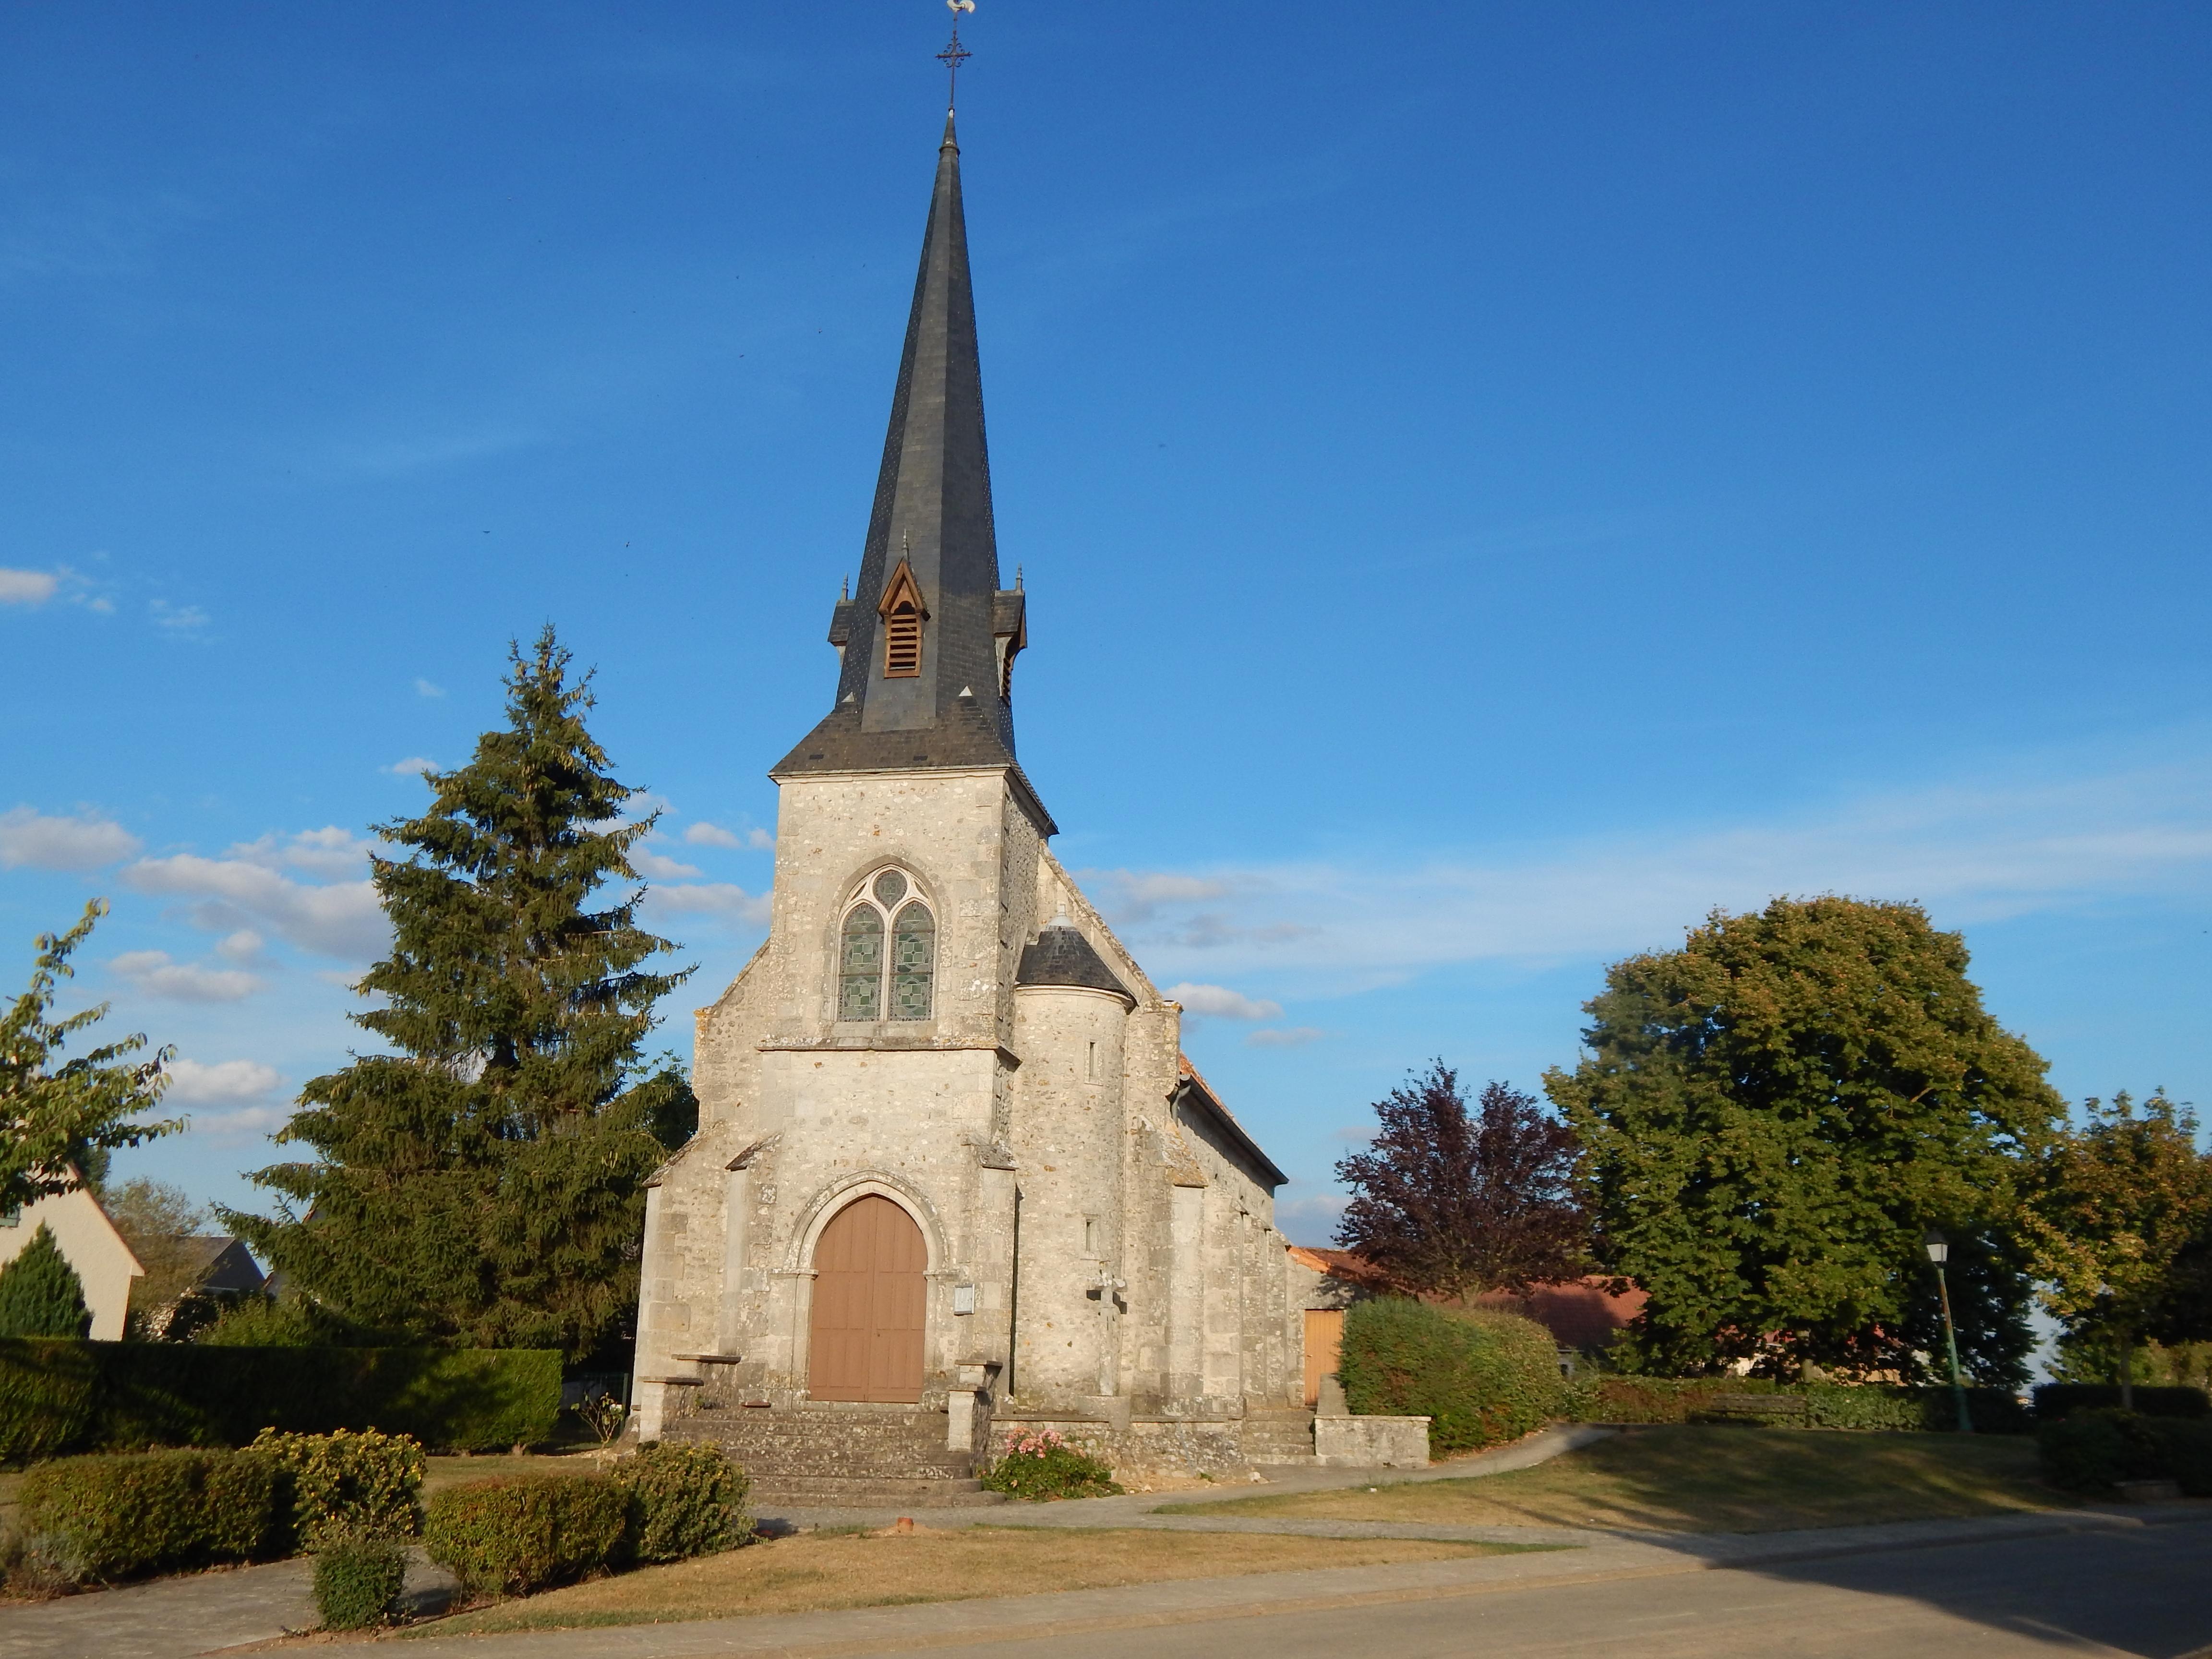 Eglise de Villeneuve-St-Nicolas